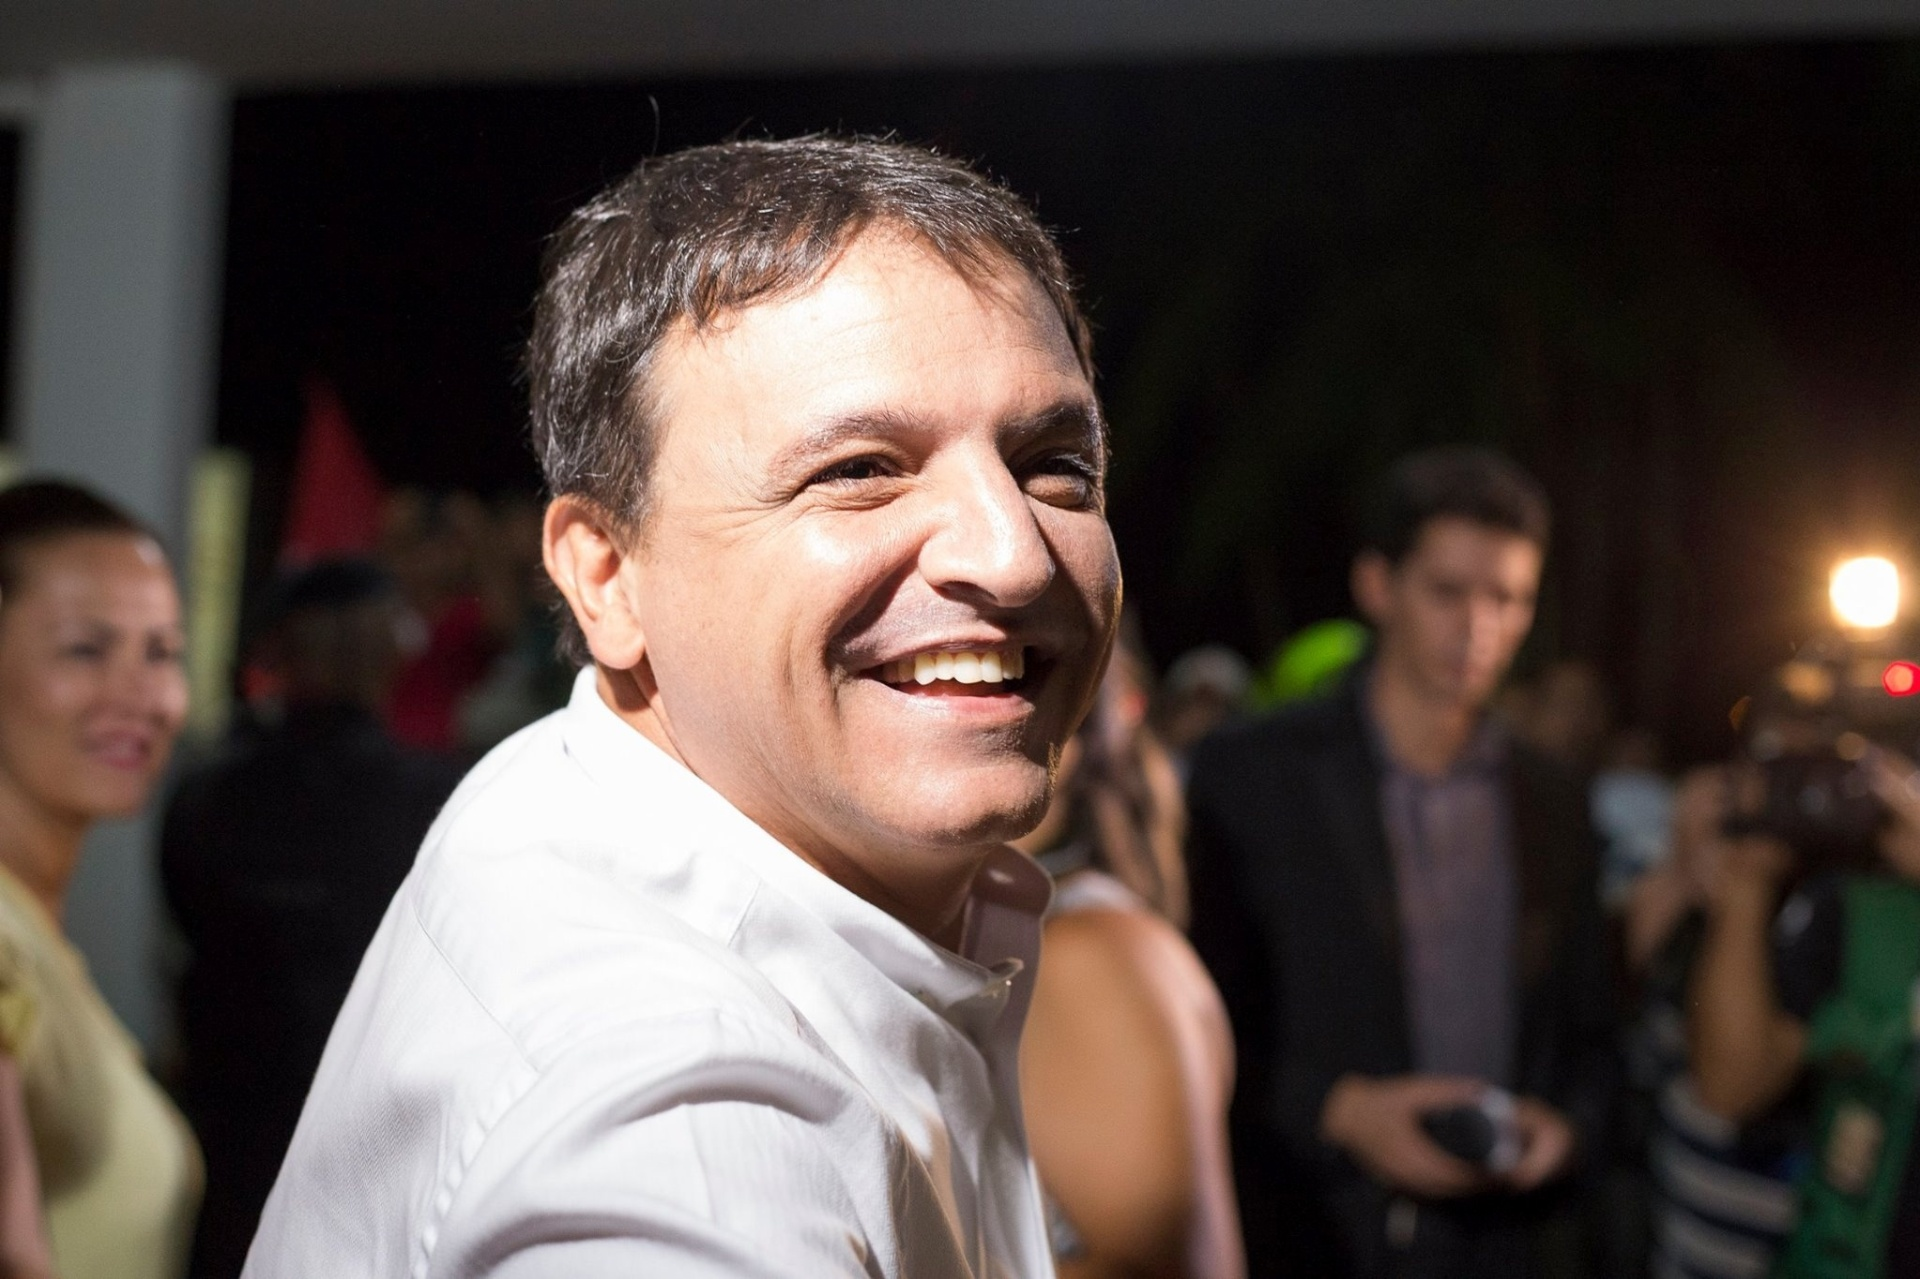 30.set.2014 - O candidato a governador do Acre Márcio Bittar (PSDB) posa para fotos antes de entrar no debate eleitoral da TV Acre, na terça-feira (30)